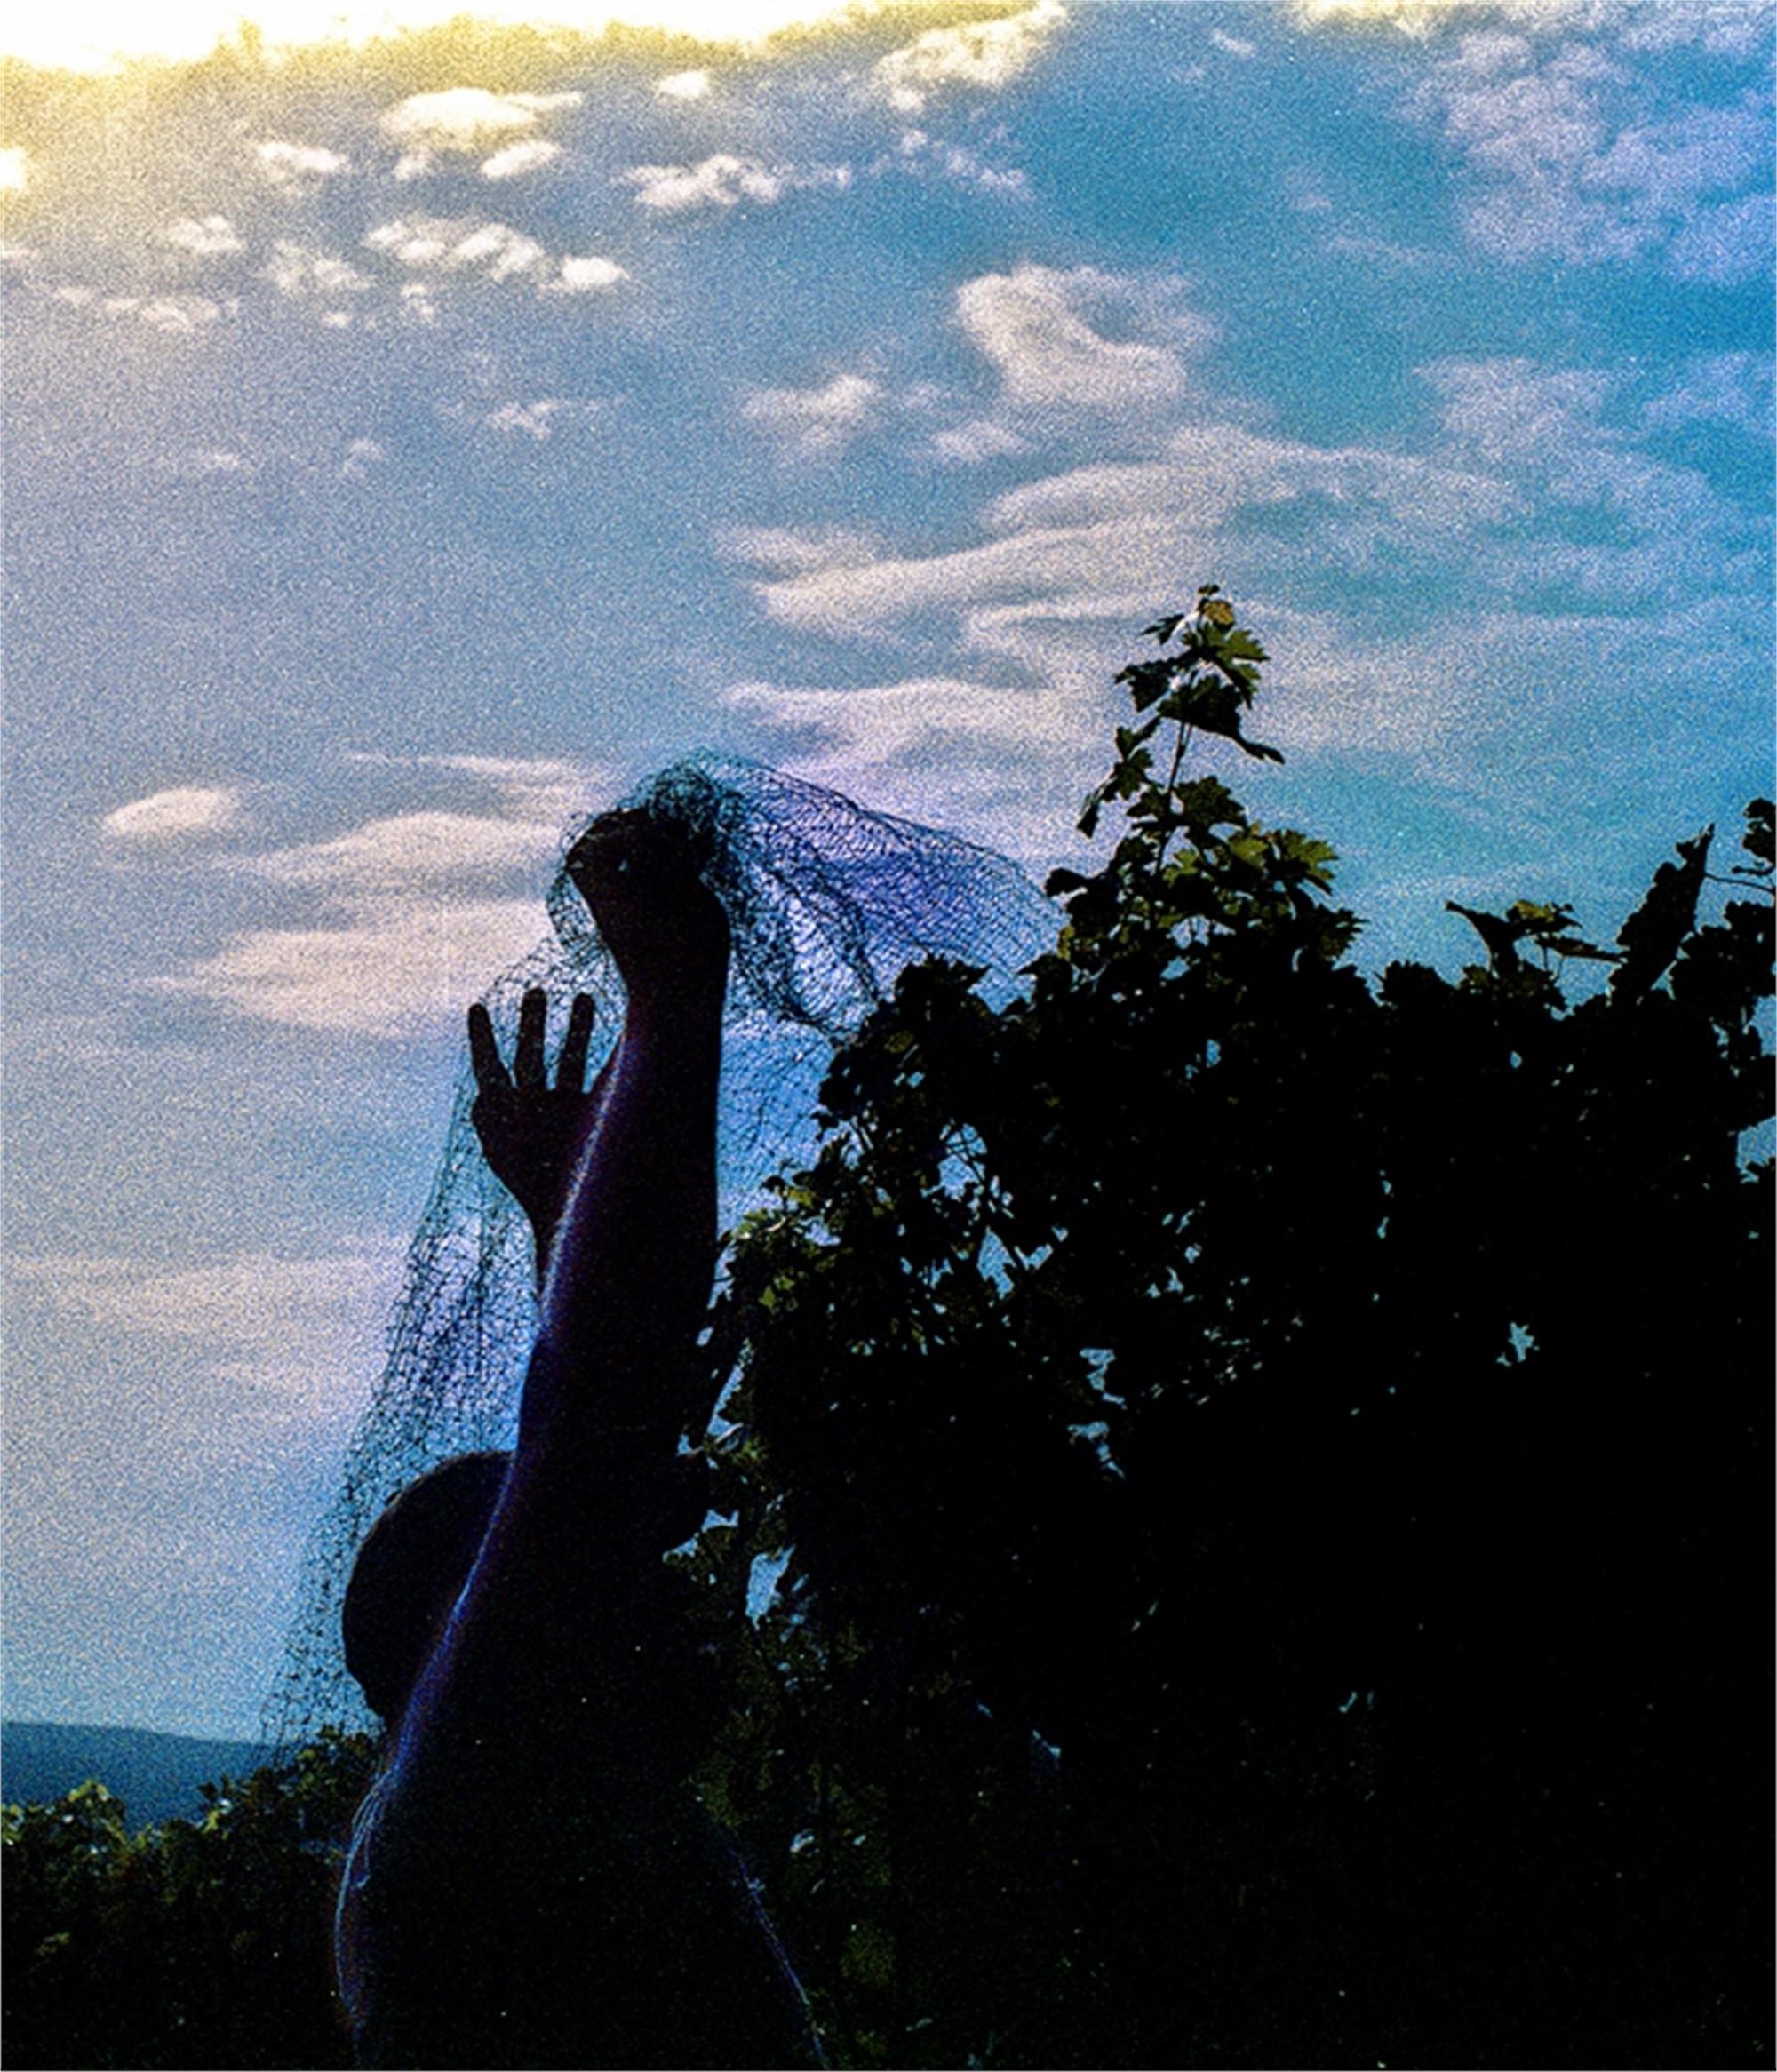 The Veil by Sam Aslanian